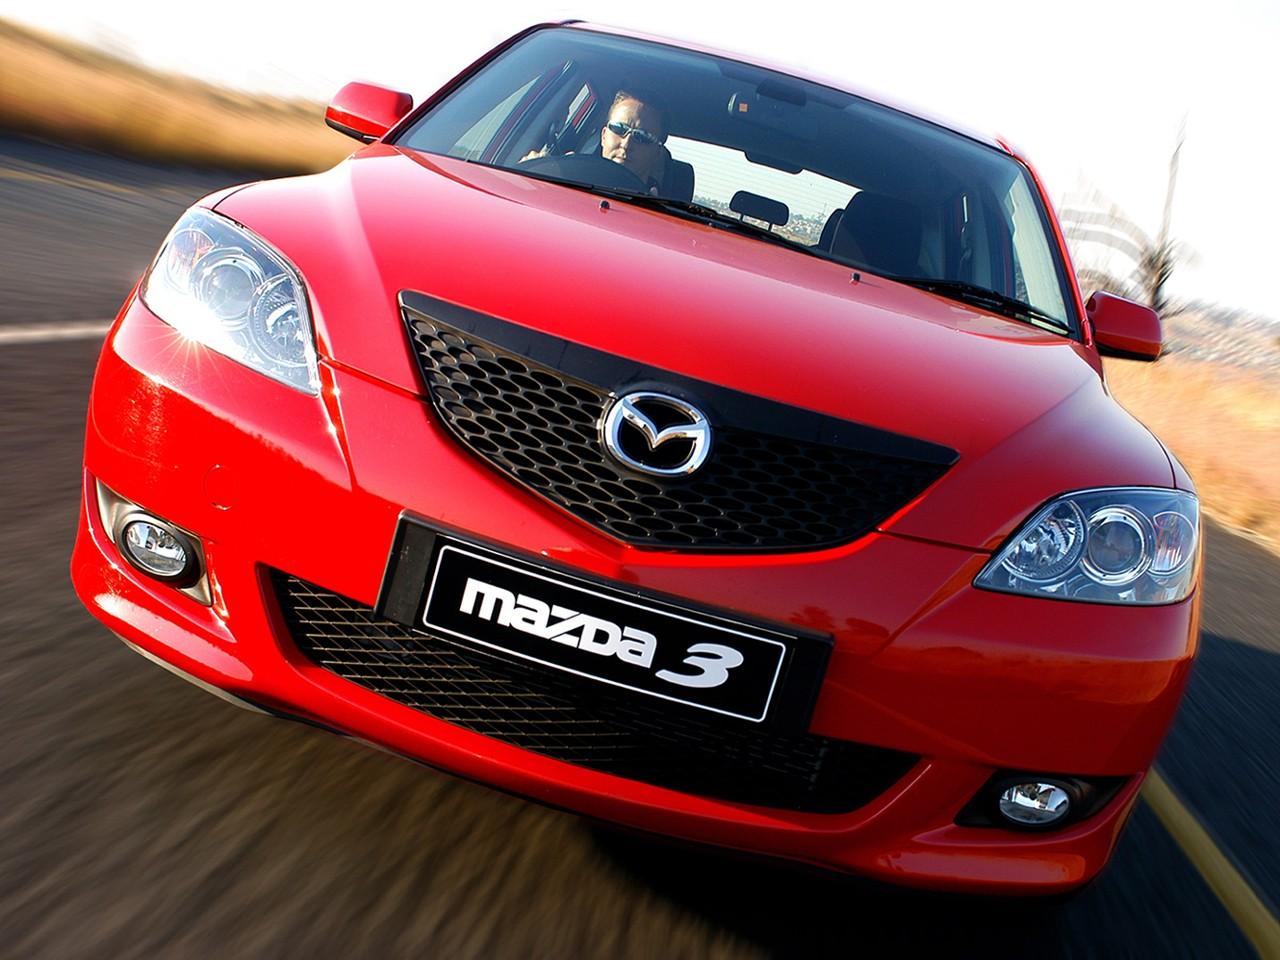 mazda 3 / axela hatchback specs - 2004, 2005, 2006, 2007, 2008